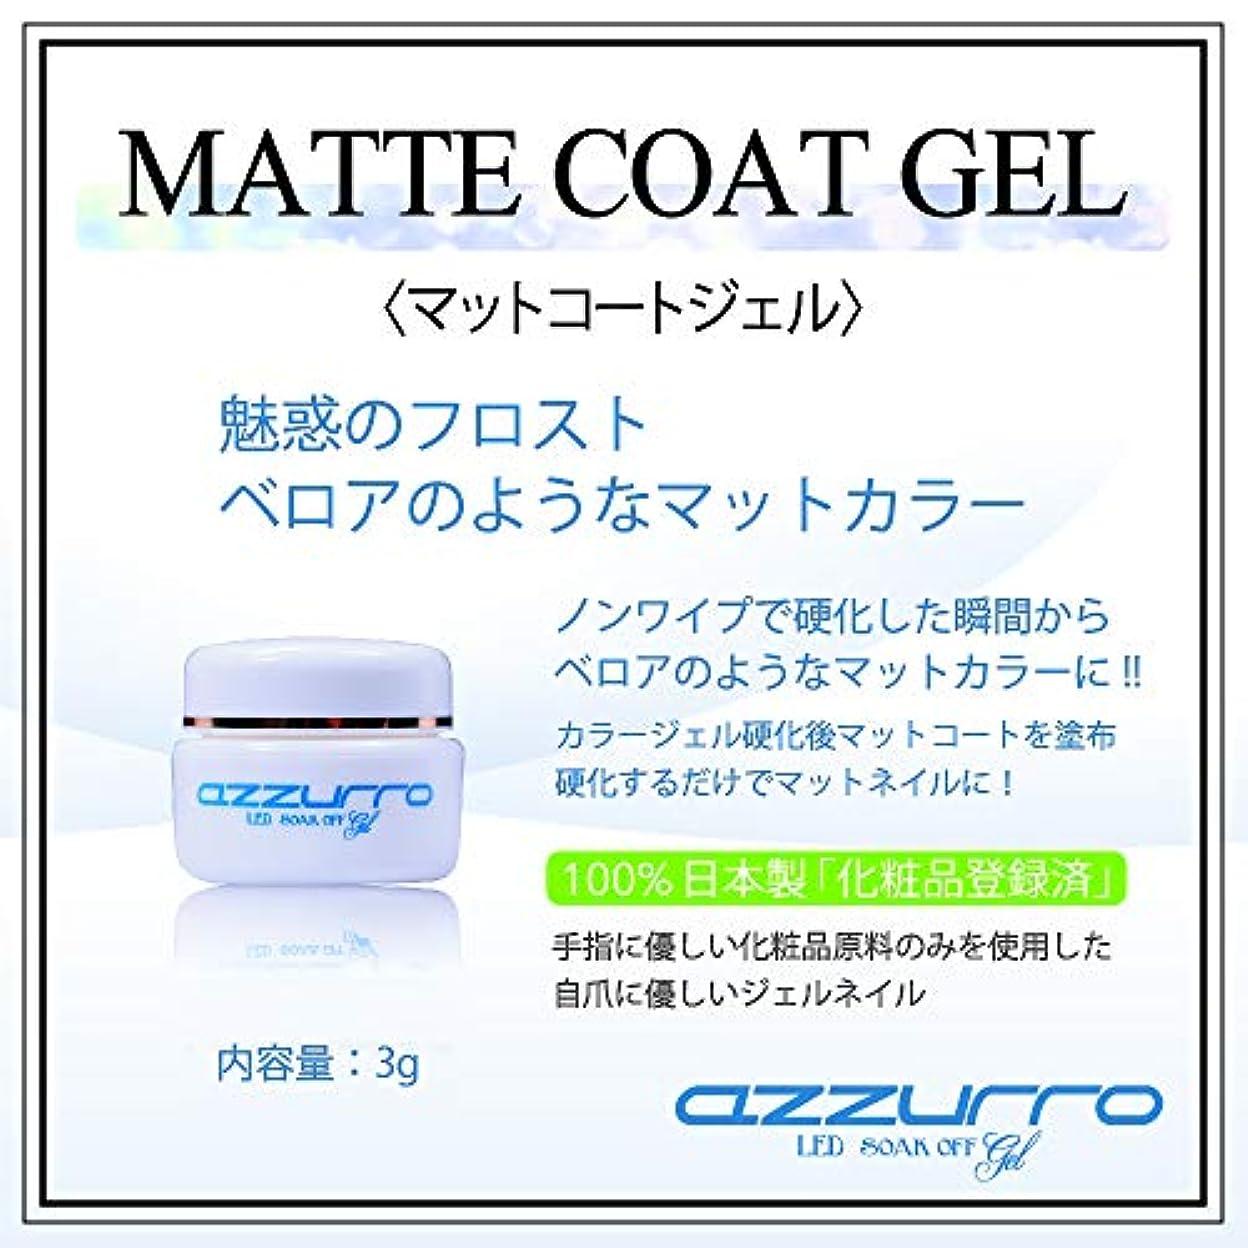 困惑した認可レパートリーazzurro マットコートジェル 3g